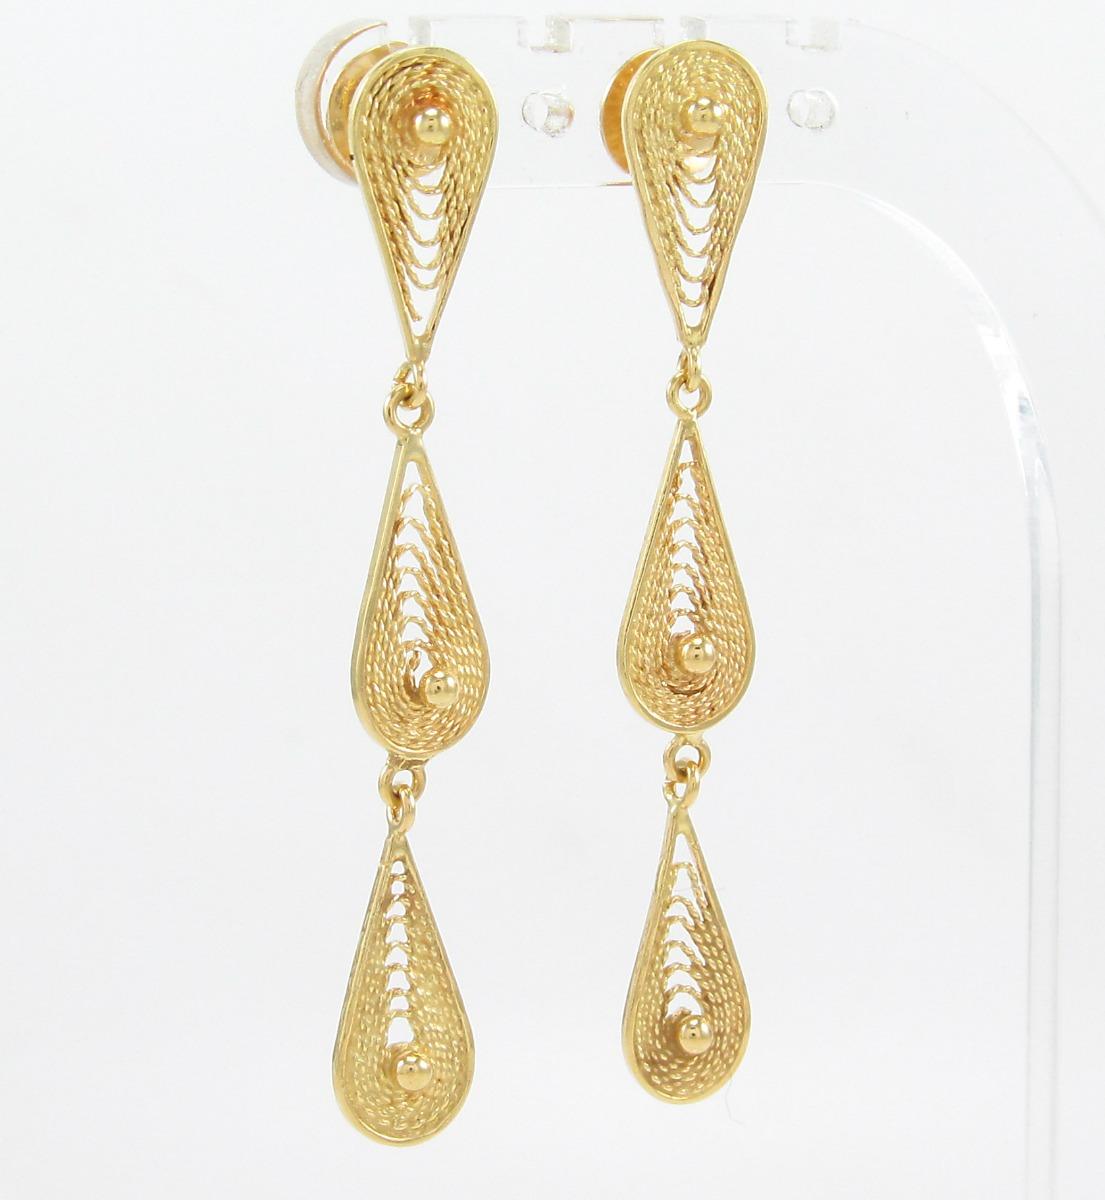 754b76cc028 esfinge jóias - brinco grife vivara pendente em ouro 18k 750. Carregando  zoom.